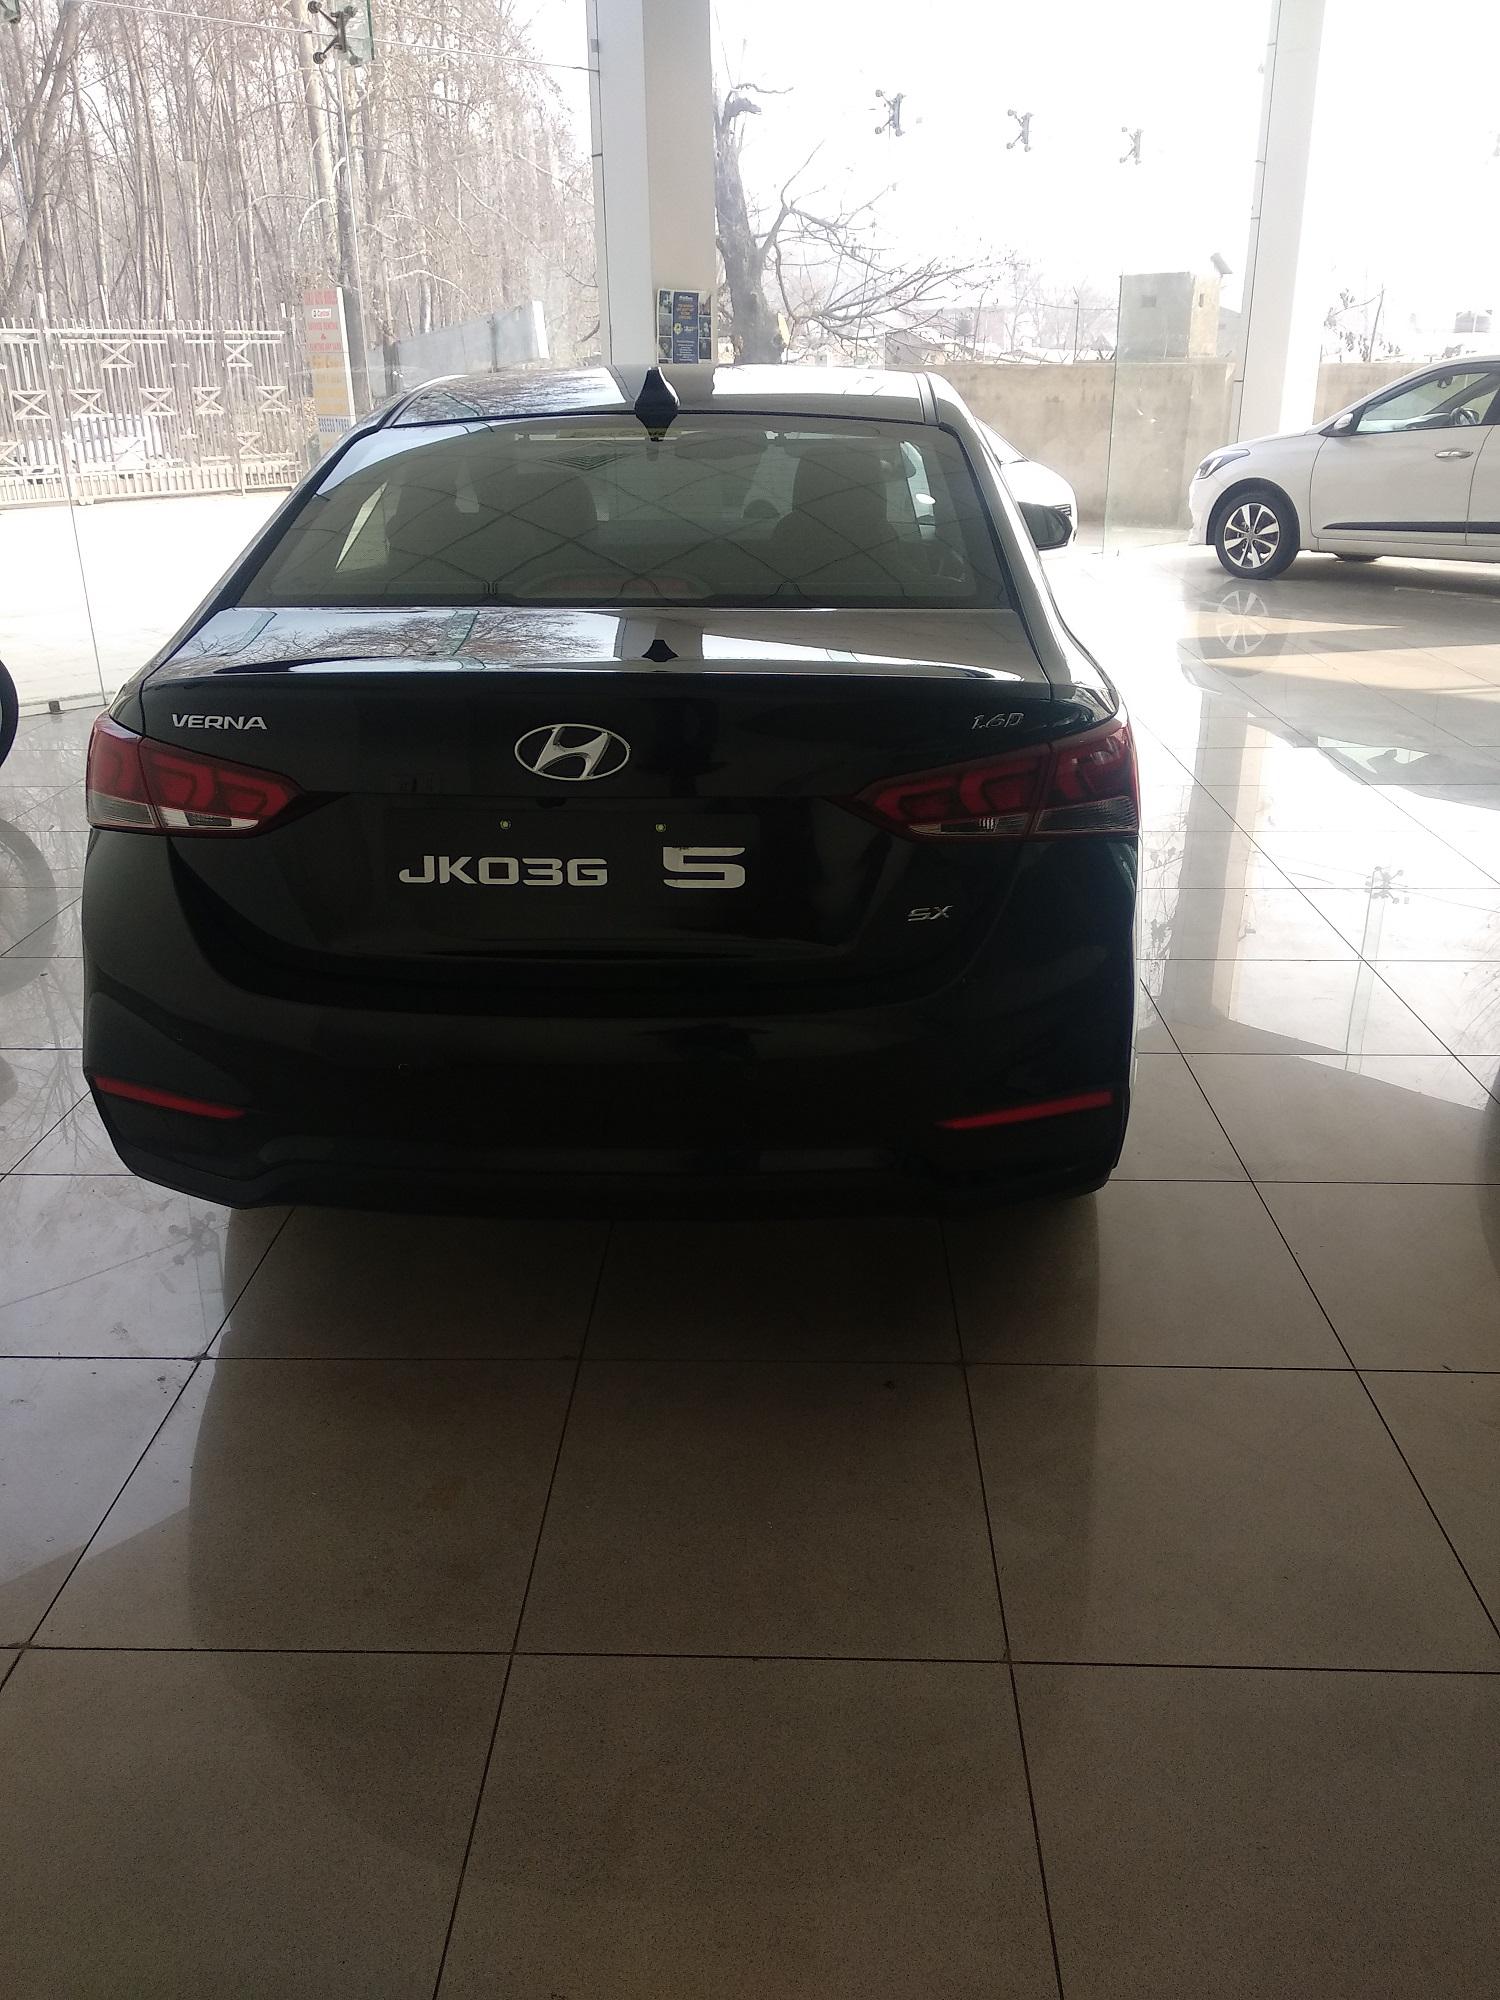 2017 Used Hyundai Verna FLUIDIC 1.6 SX CRDI OPT